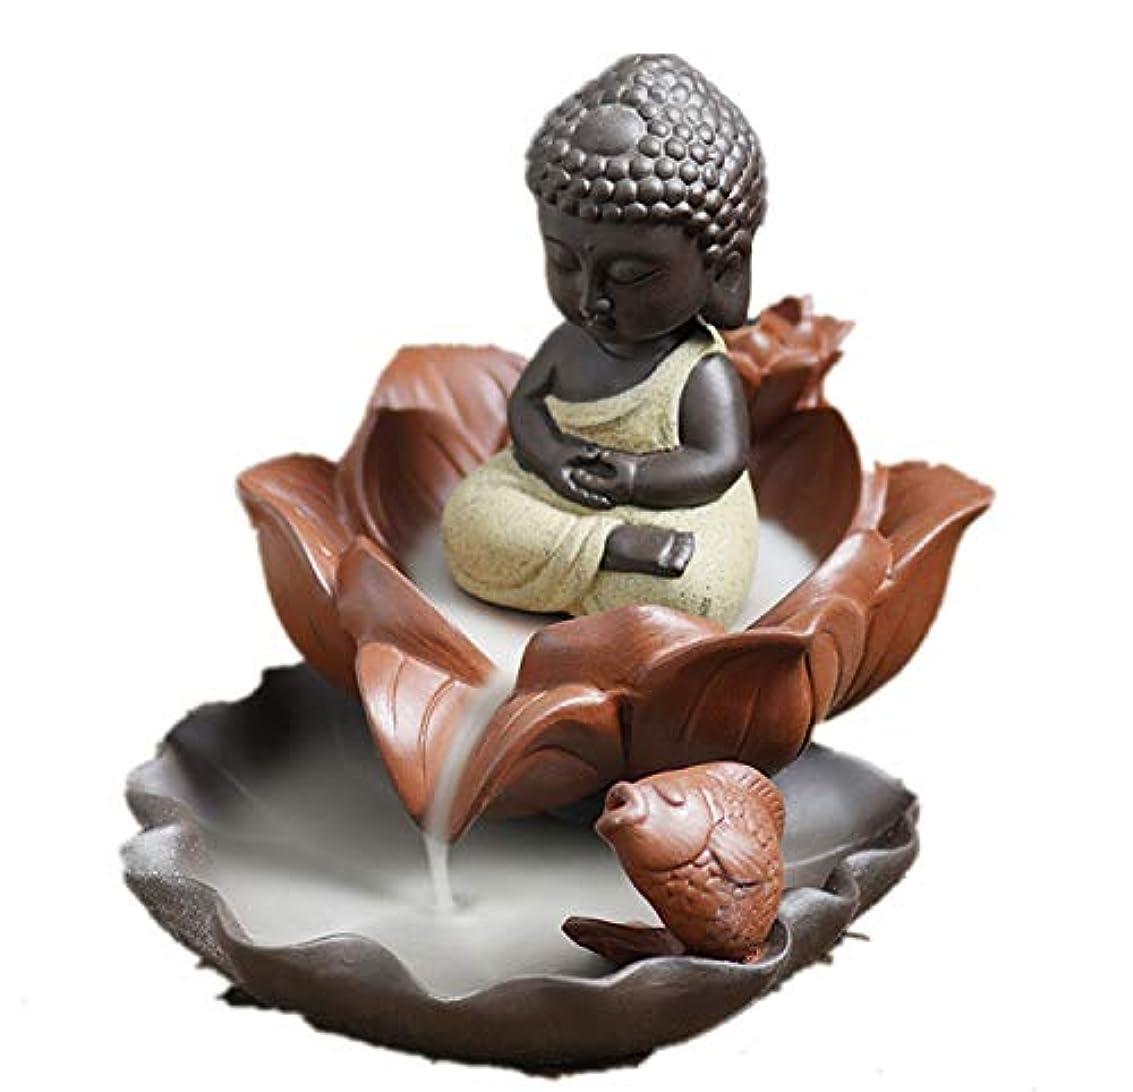 不規則性アサート支援XPPXPP Backflow Incense Burner, Household Ceramic Returning Cone-shaped Candlestick Burner